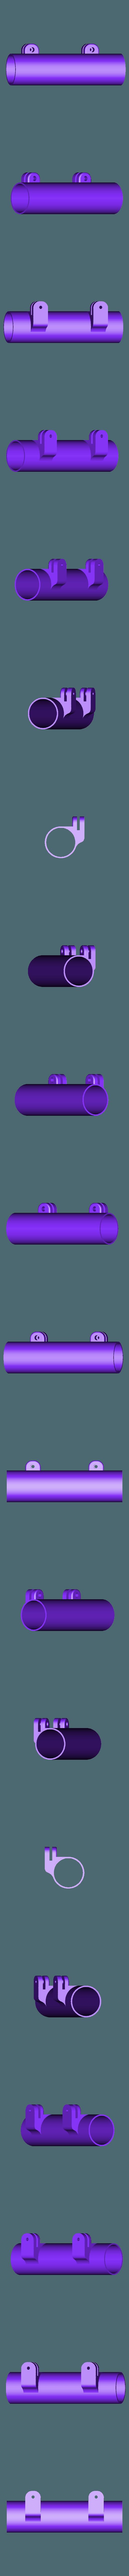 Side_Fuel_Tank_V2.stl Download free STL file WPL C14 Side Fuel Tank for Li-Ion 18650 • 3D print design, EdwardChew